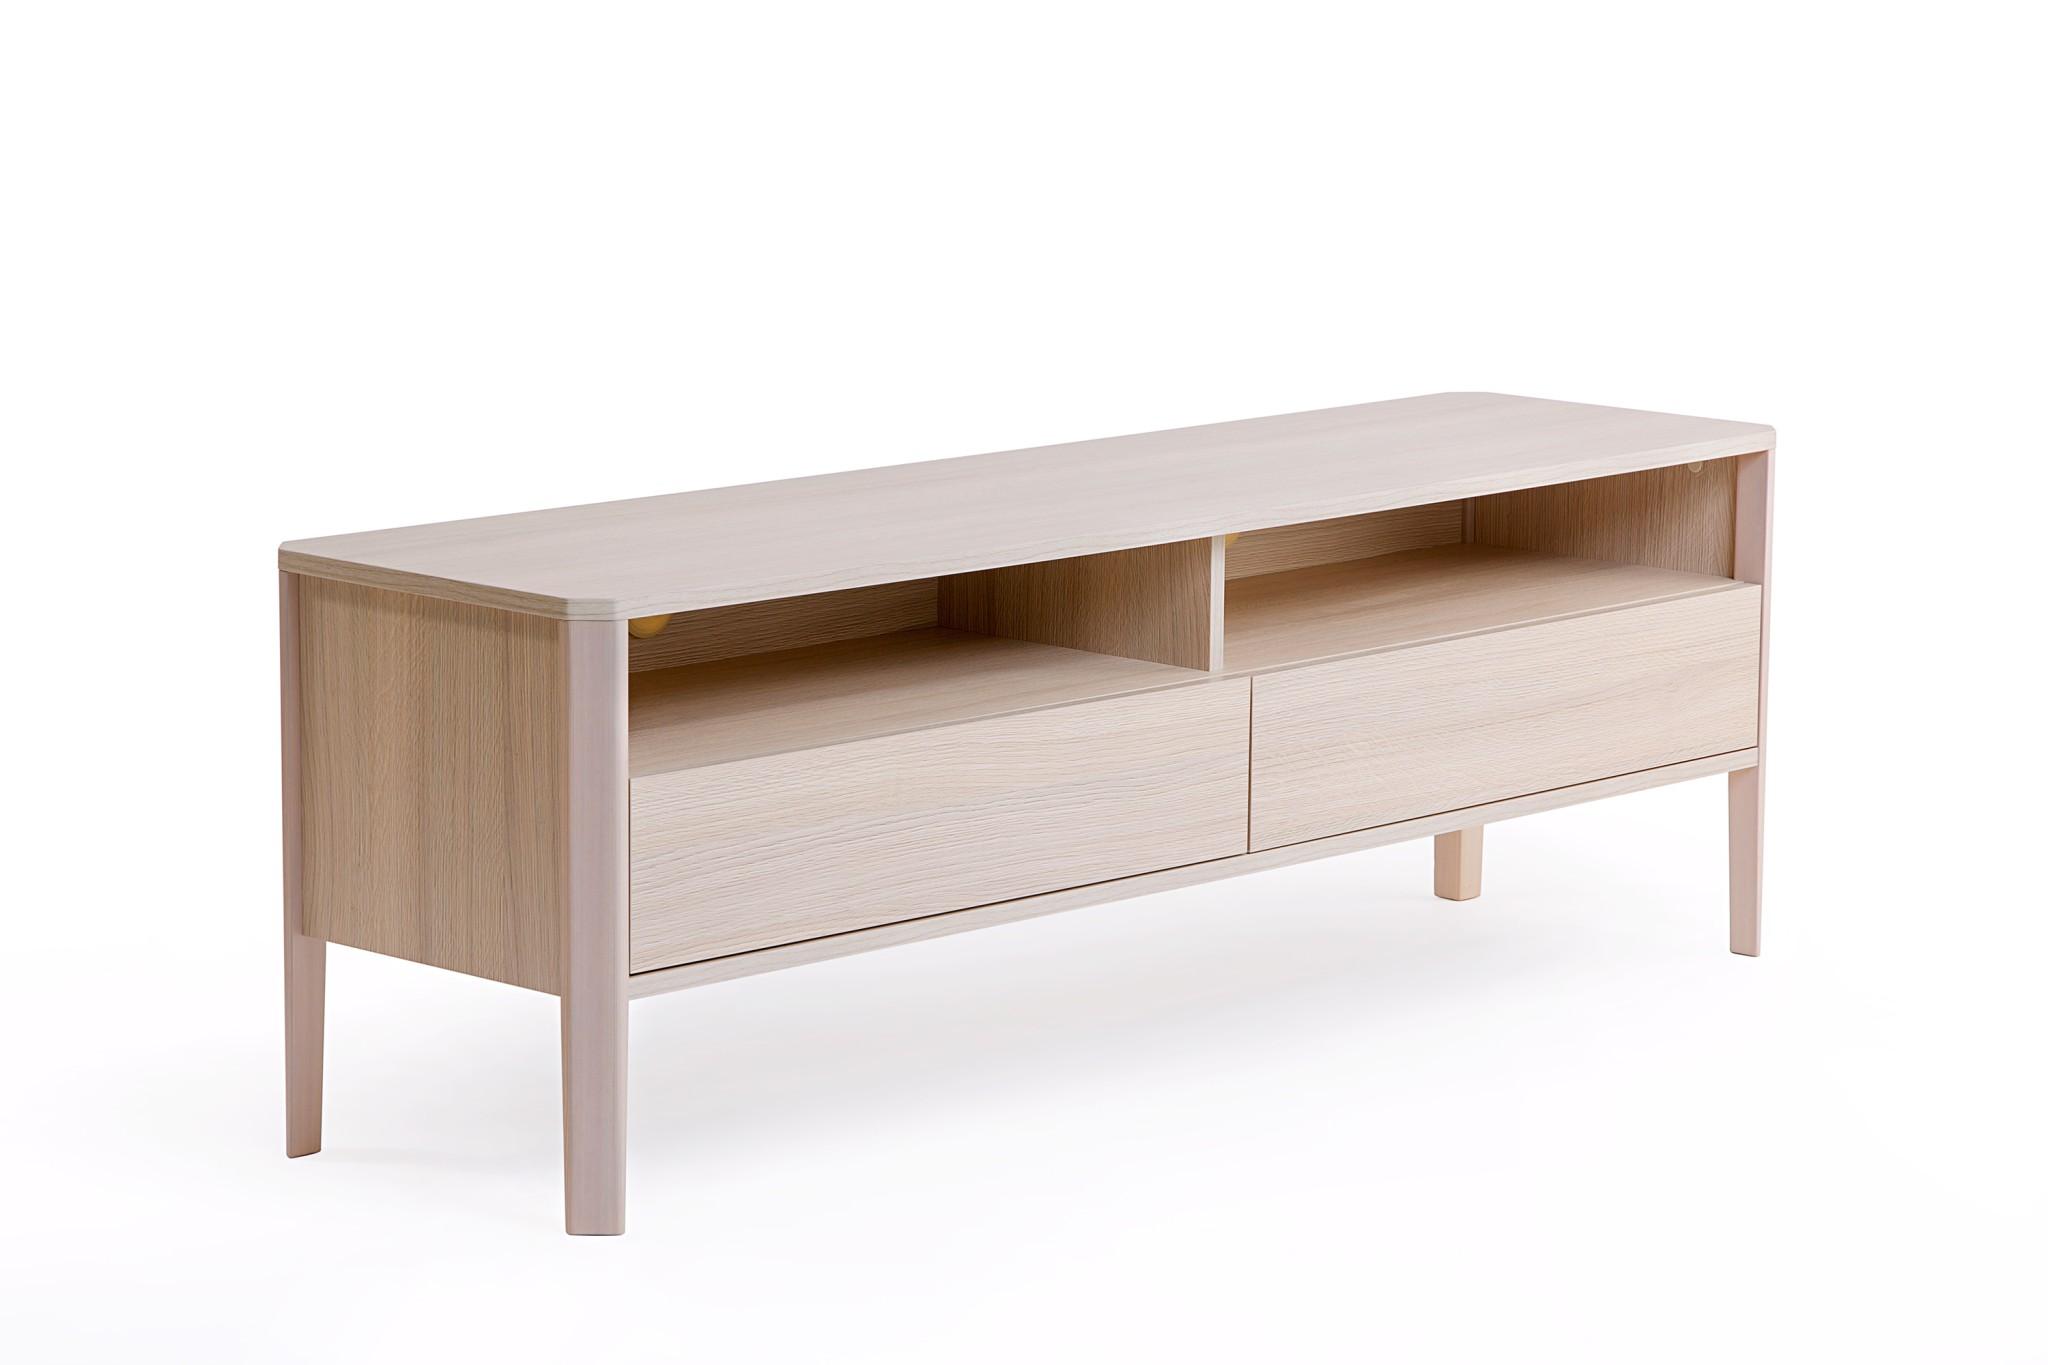 Tv Tisch Ossie Sideboard Lowboard Anrichte Fernsehschrank Kiefer